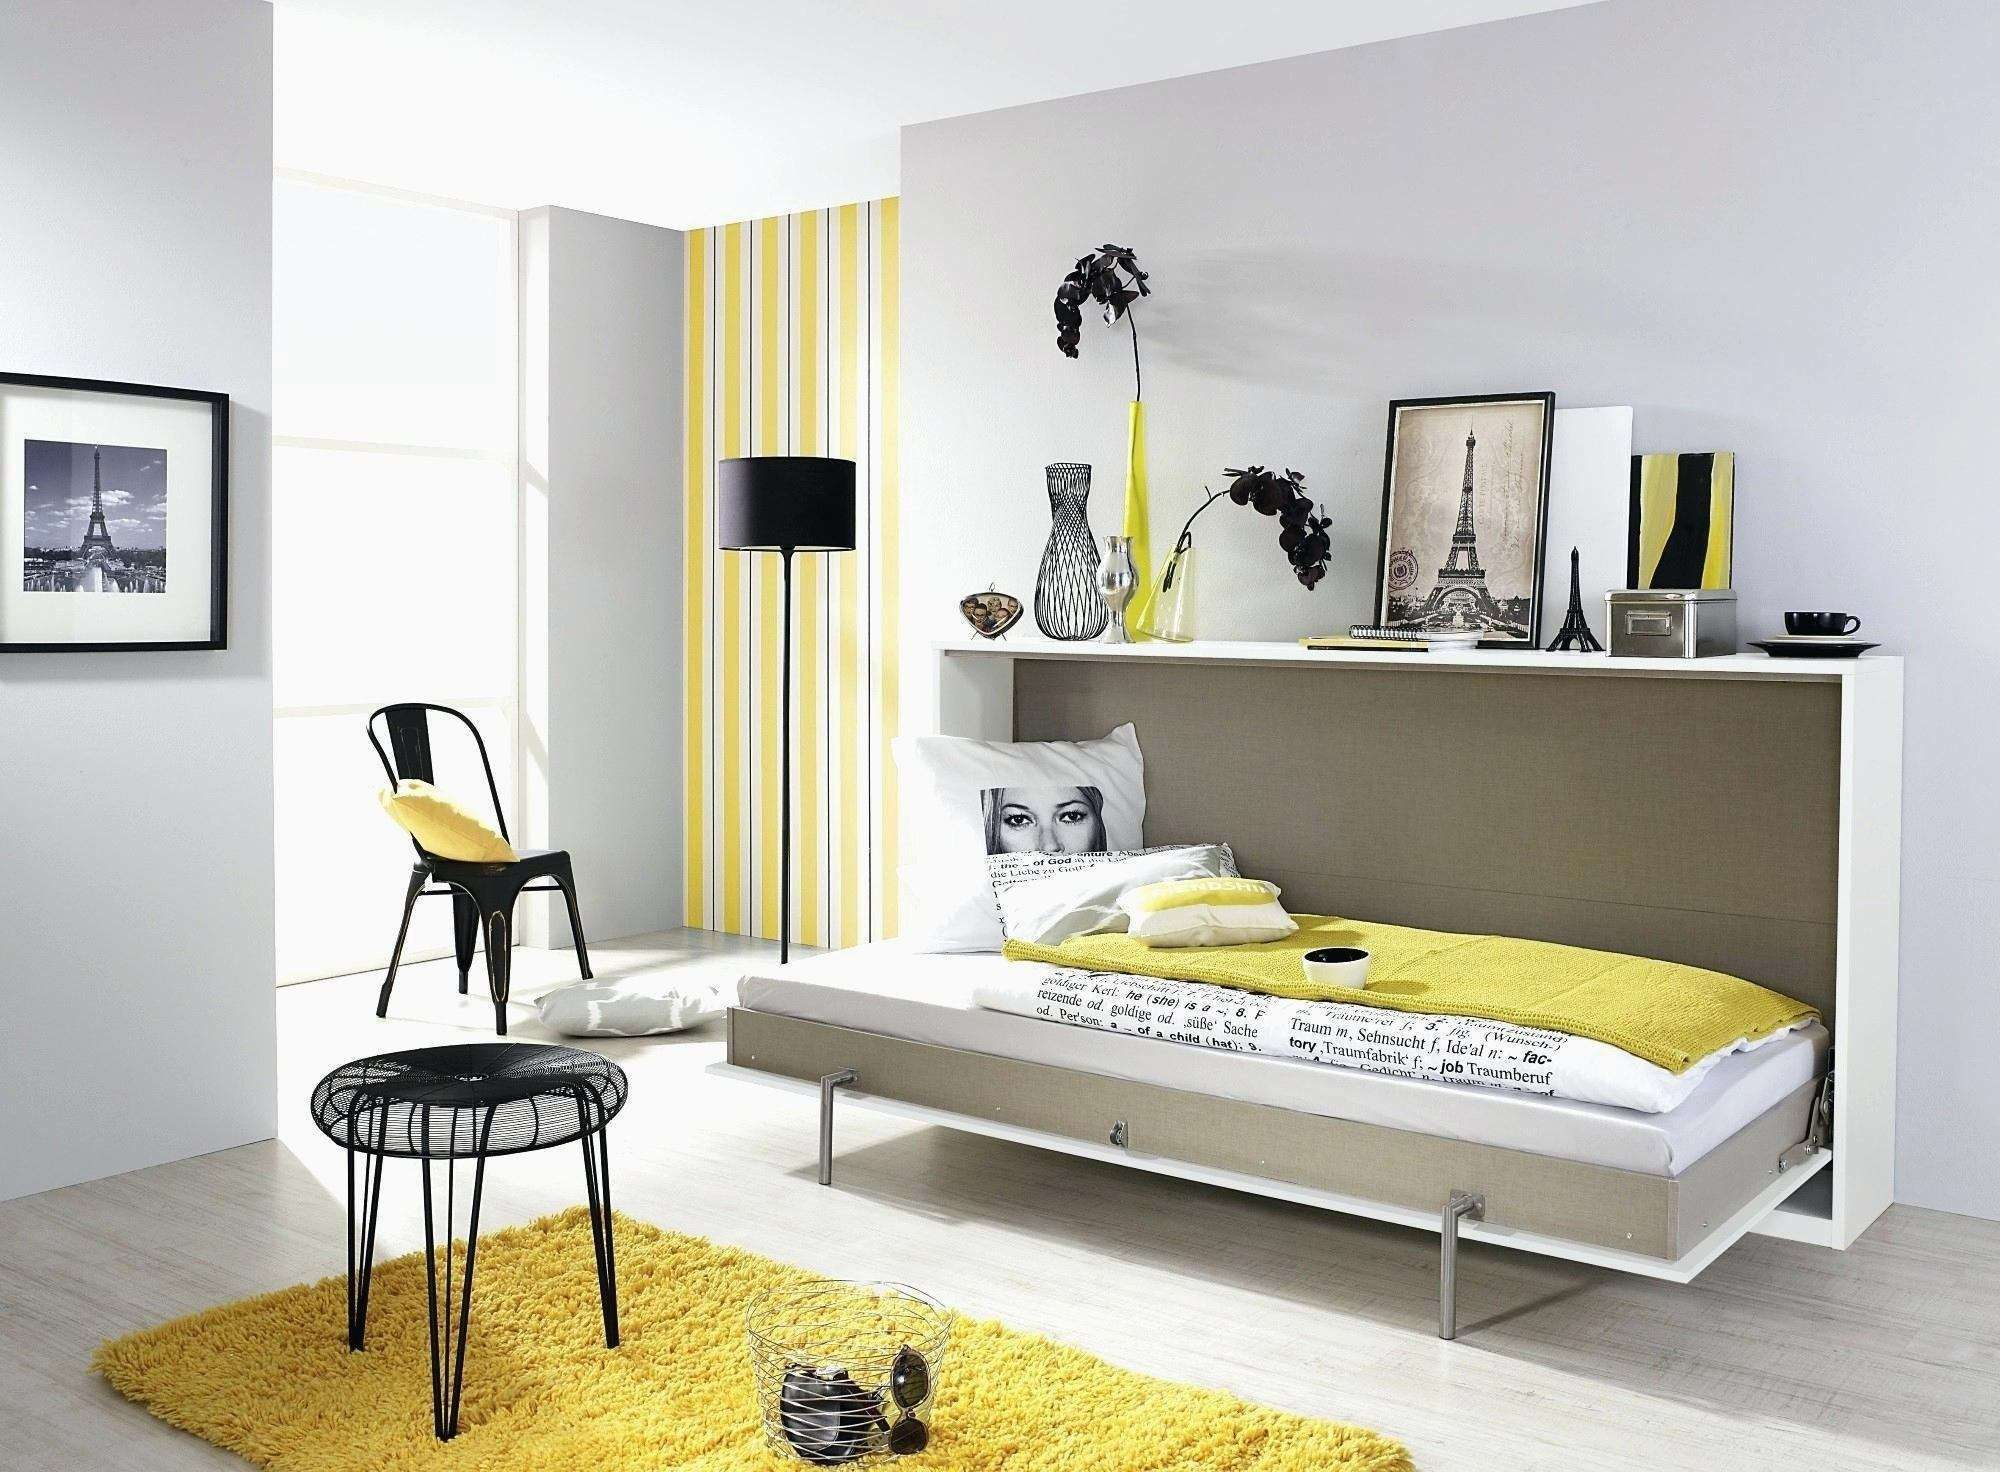 Housse Tete De Lit Ikea Nouveau 75 Nouveau Housse Matelas Ikea